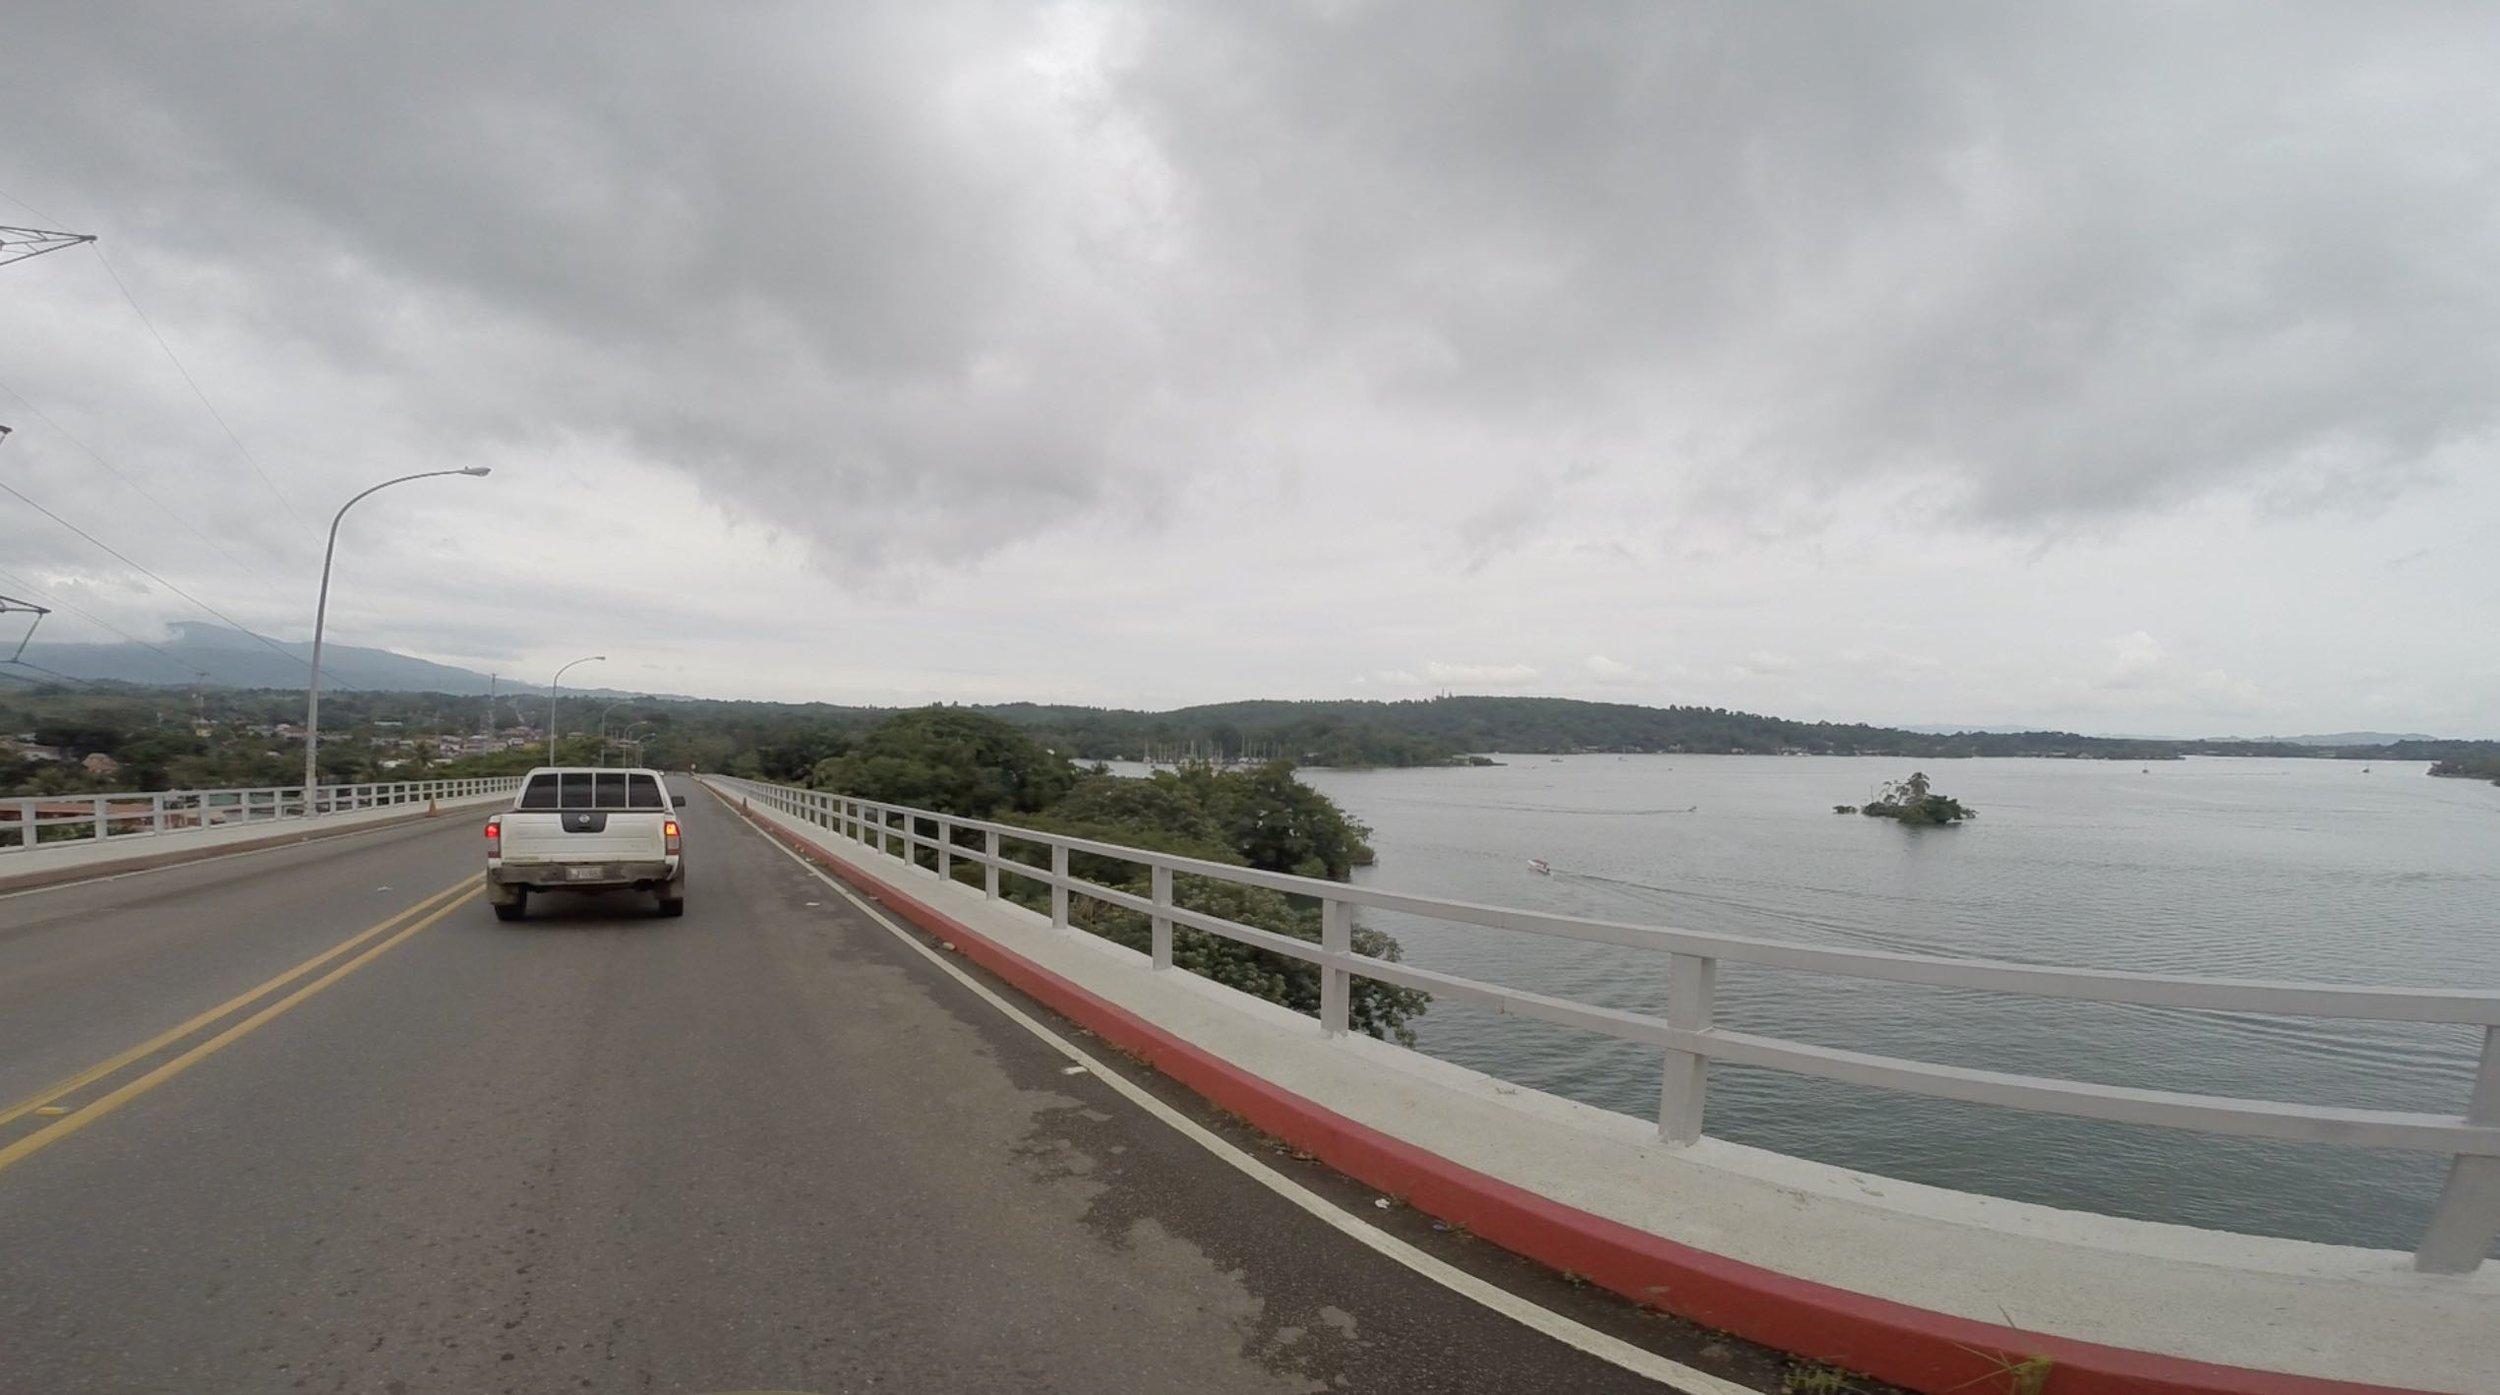 The bridge over Rio Dulce